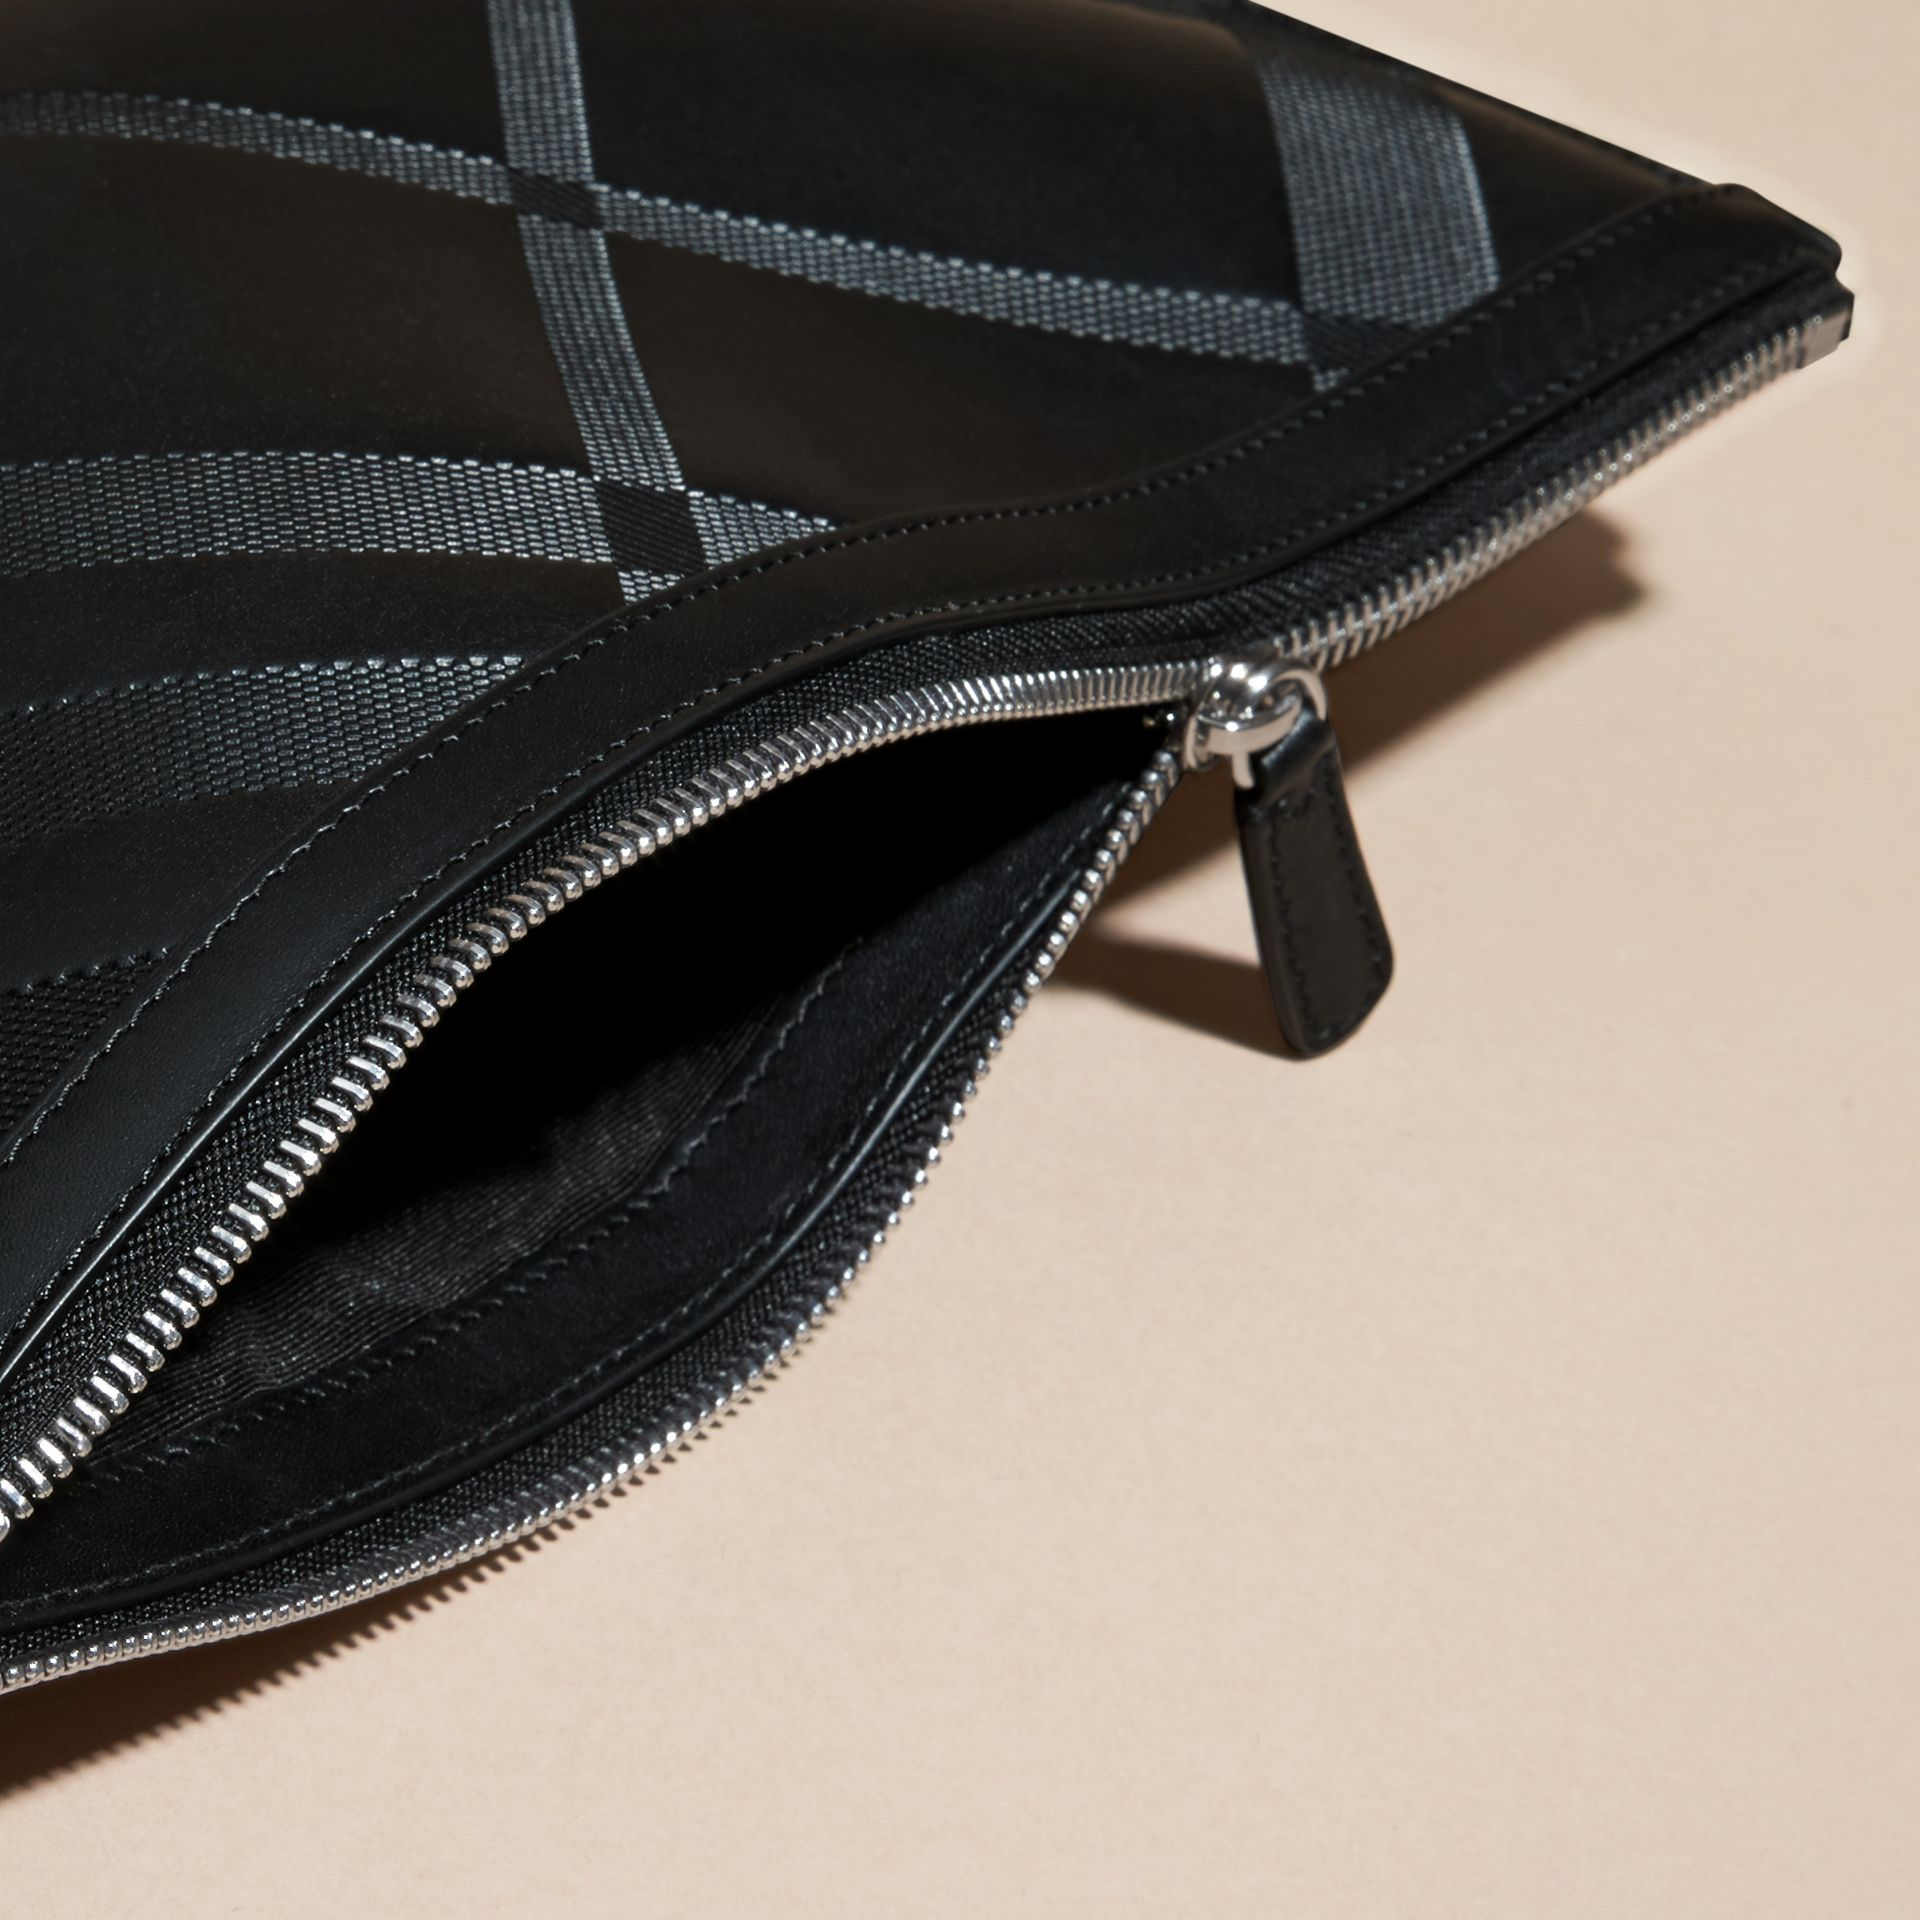 Черный Сумка-кошелек из кожи с тиснением Черный - изображение 2